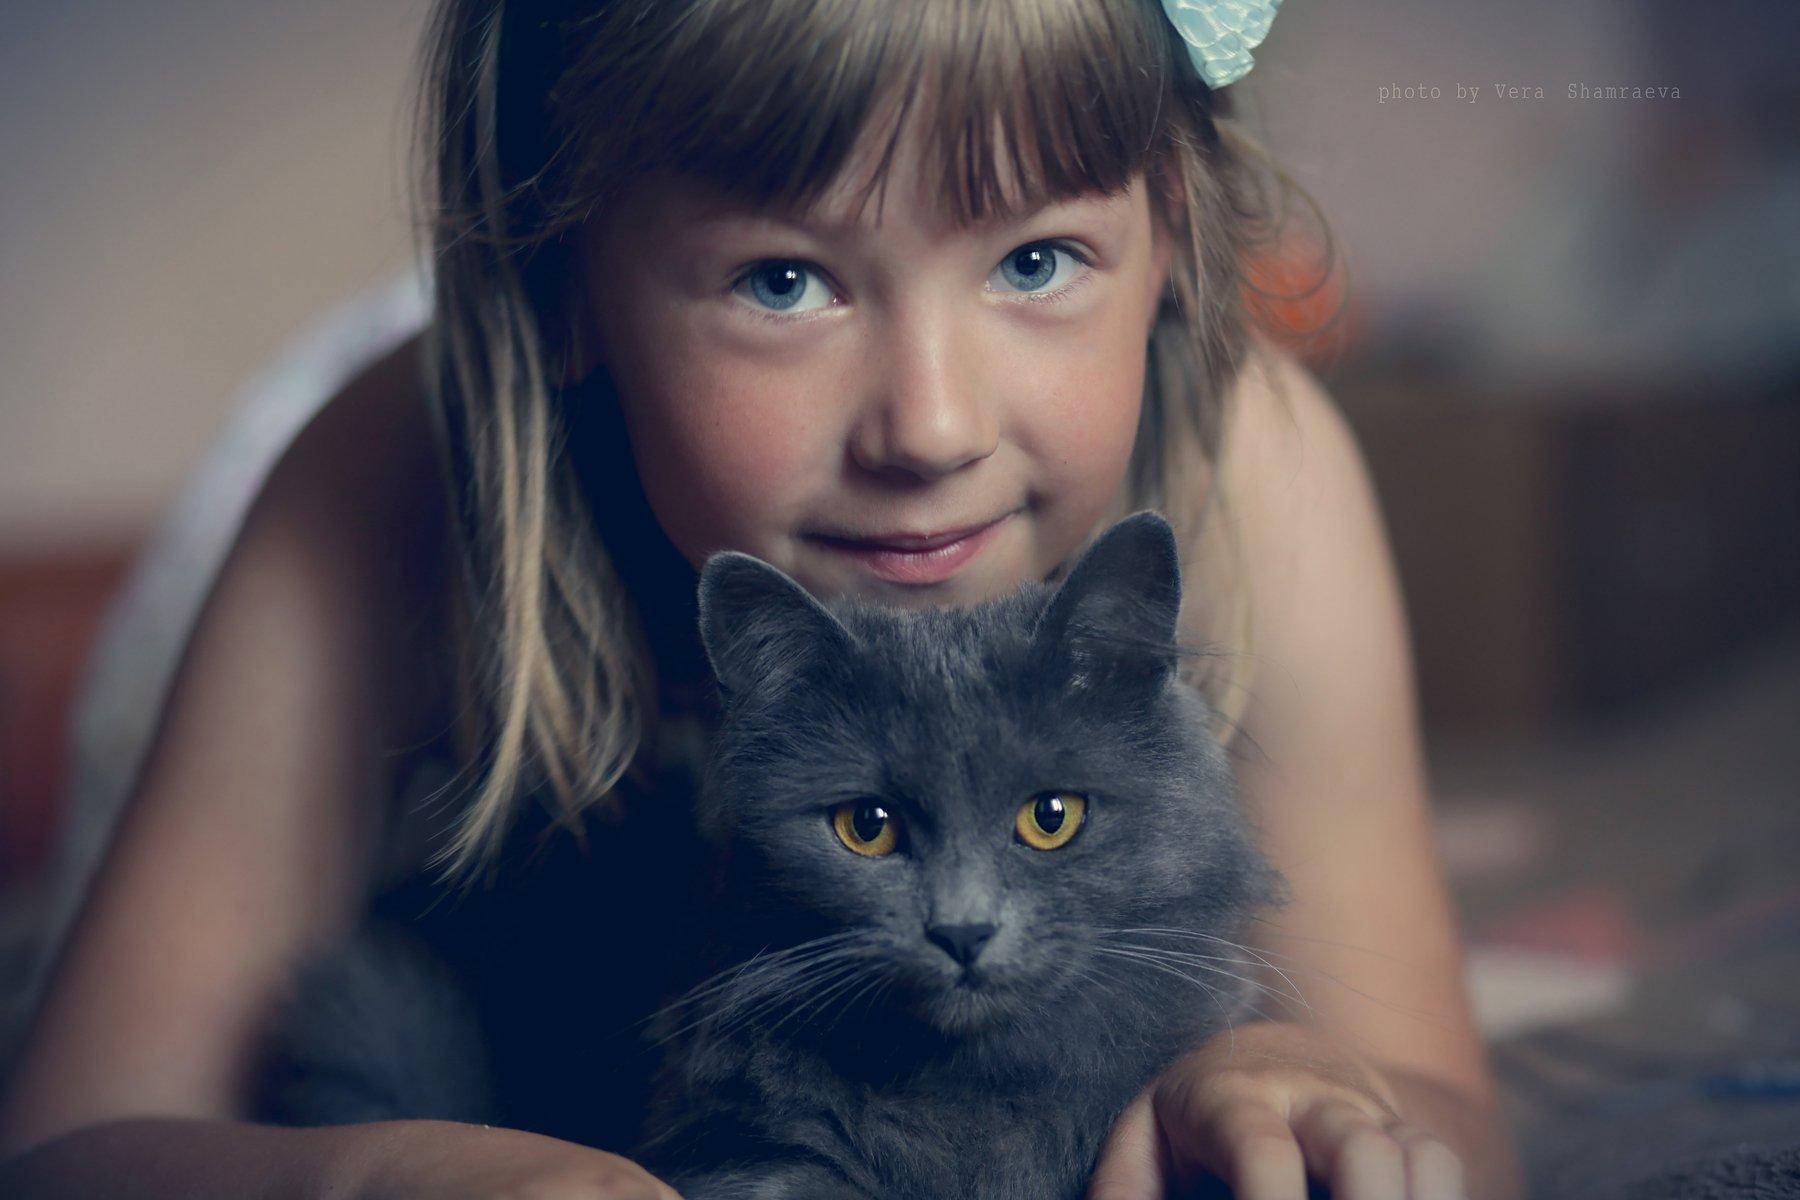 жанровый портрет, девочка, кошка, Вера Шамраева